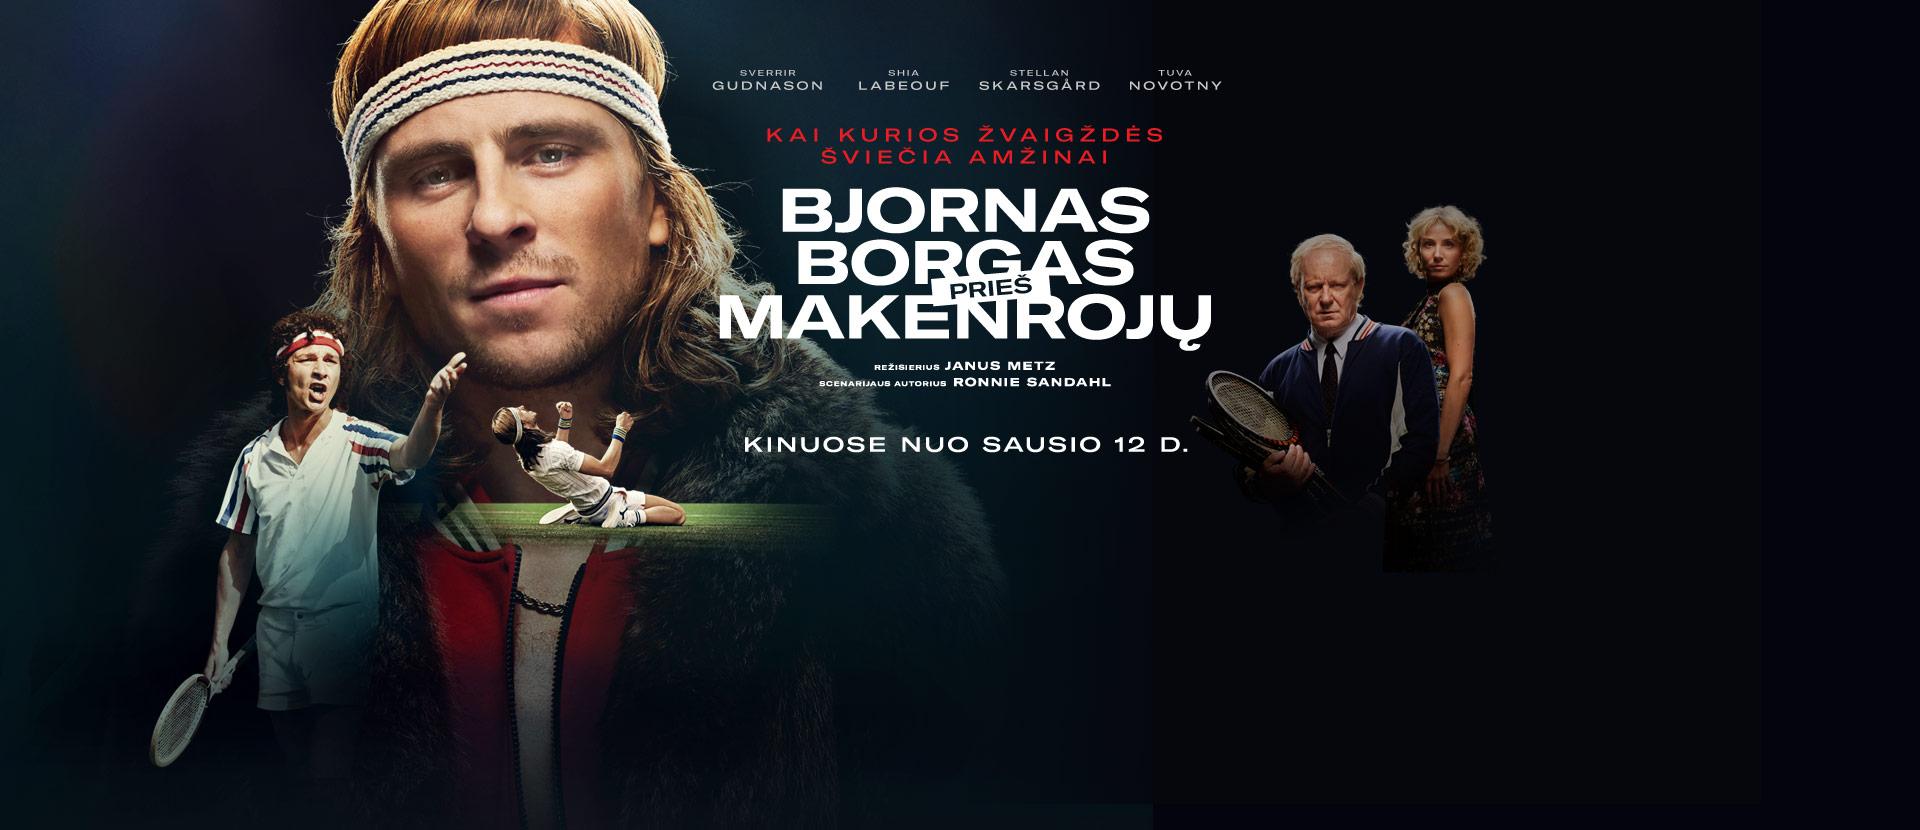 Bjornas Borgas prieš Makenrojų (Skalvija)